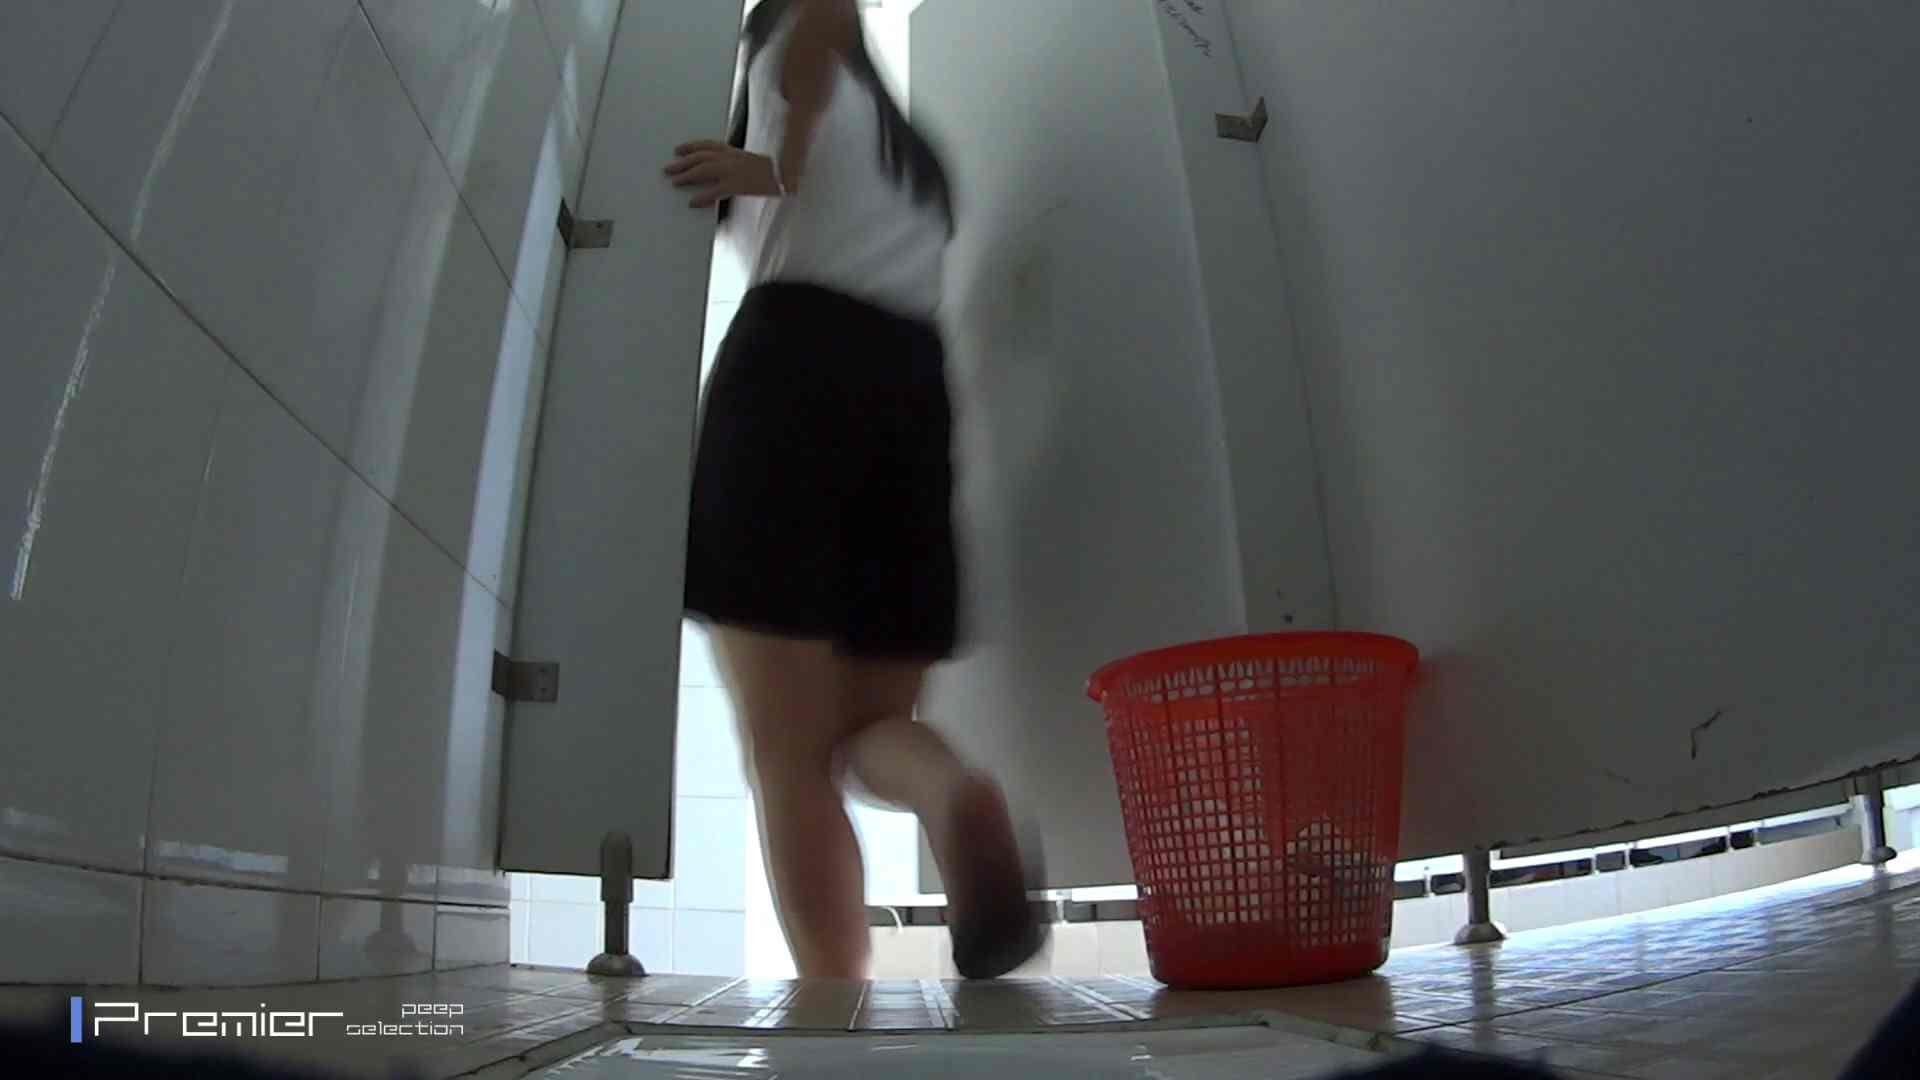 アジアンビューティー達の聖水 大学休憩時間の洗面所事情24 お姉さん  108pic 88